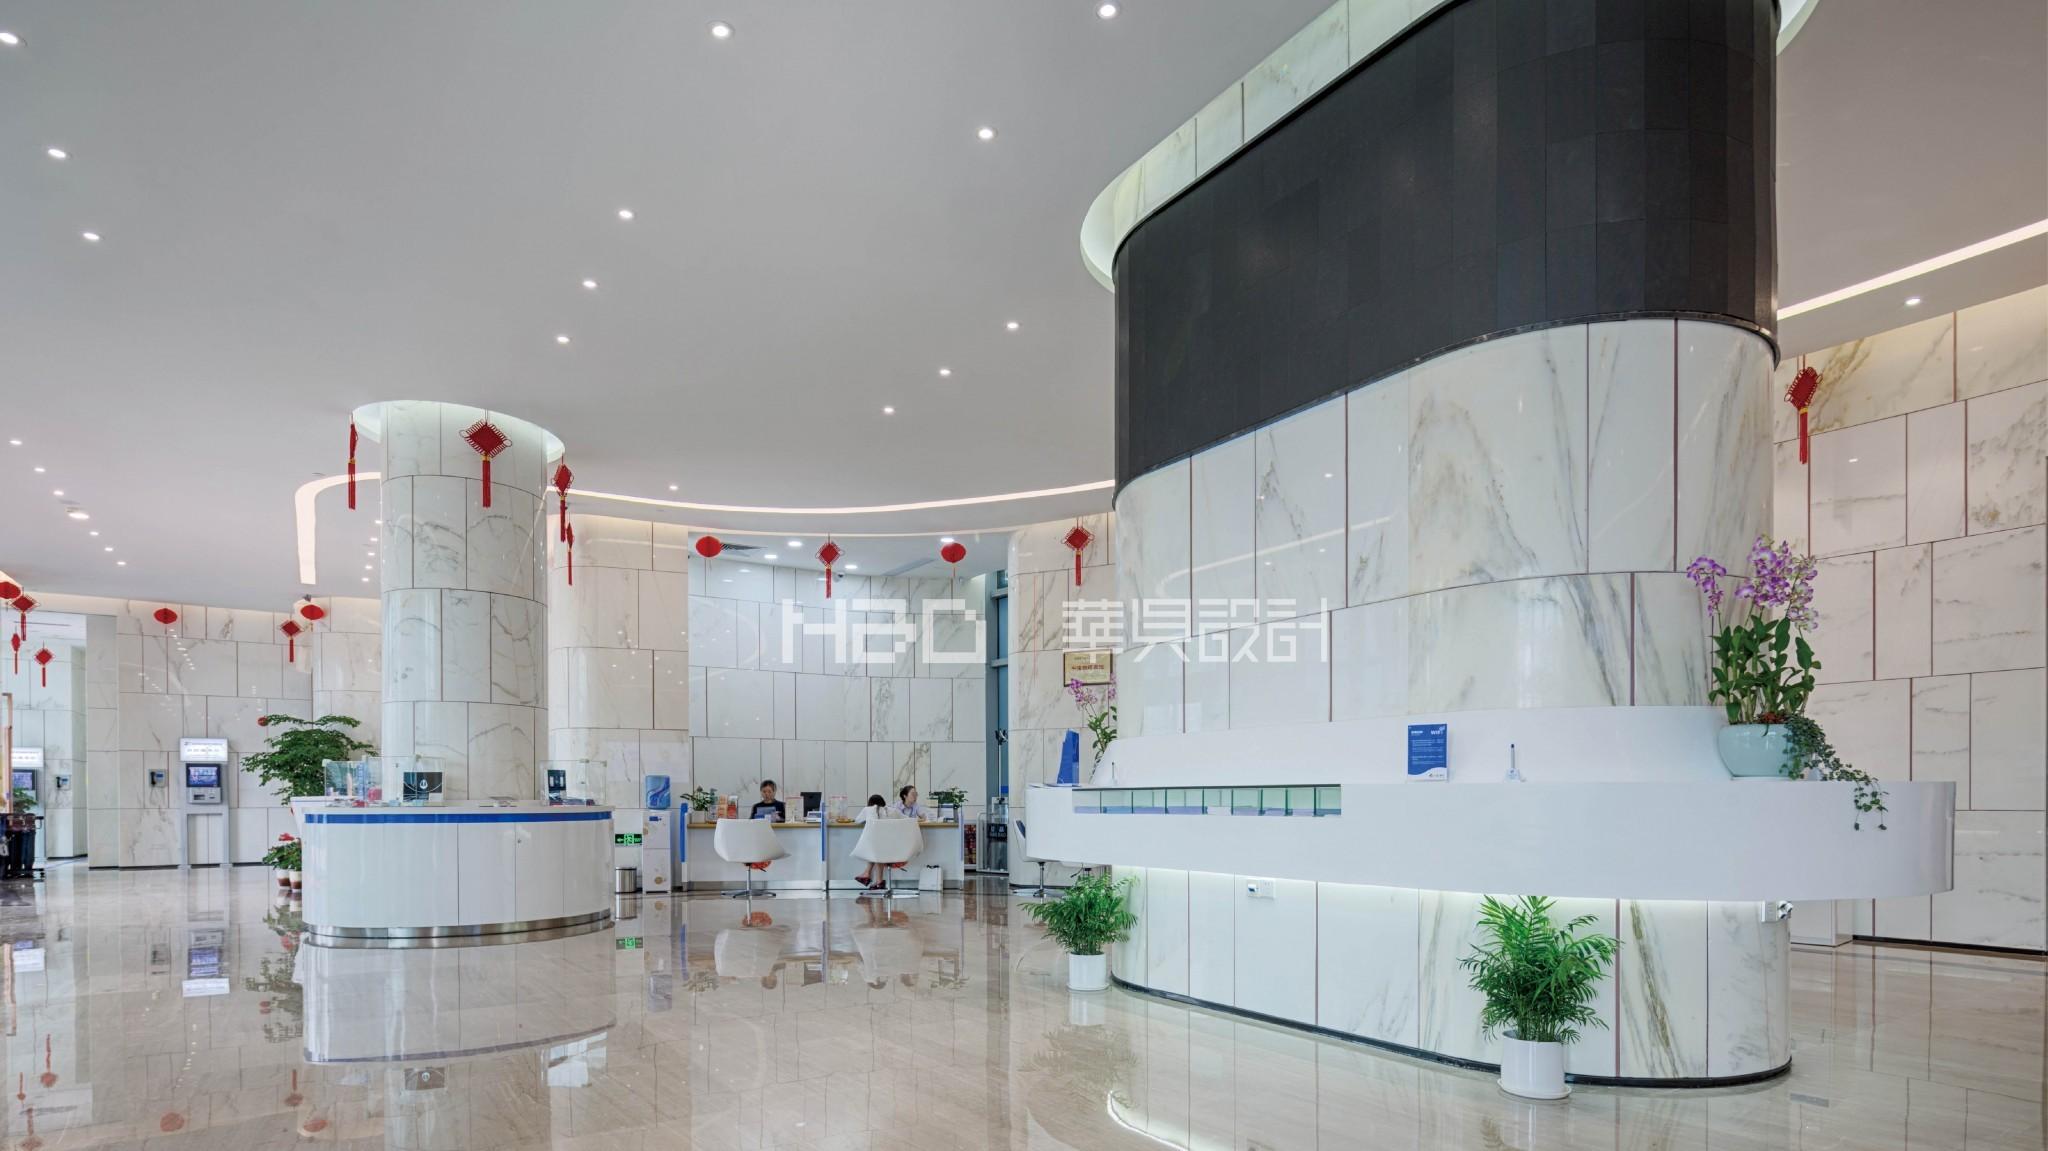 2江苏银行深圳分行 (2)